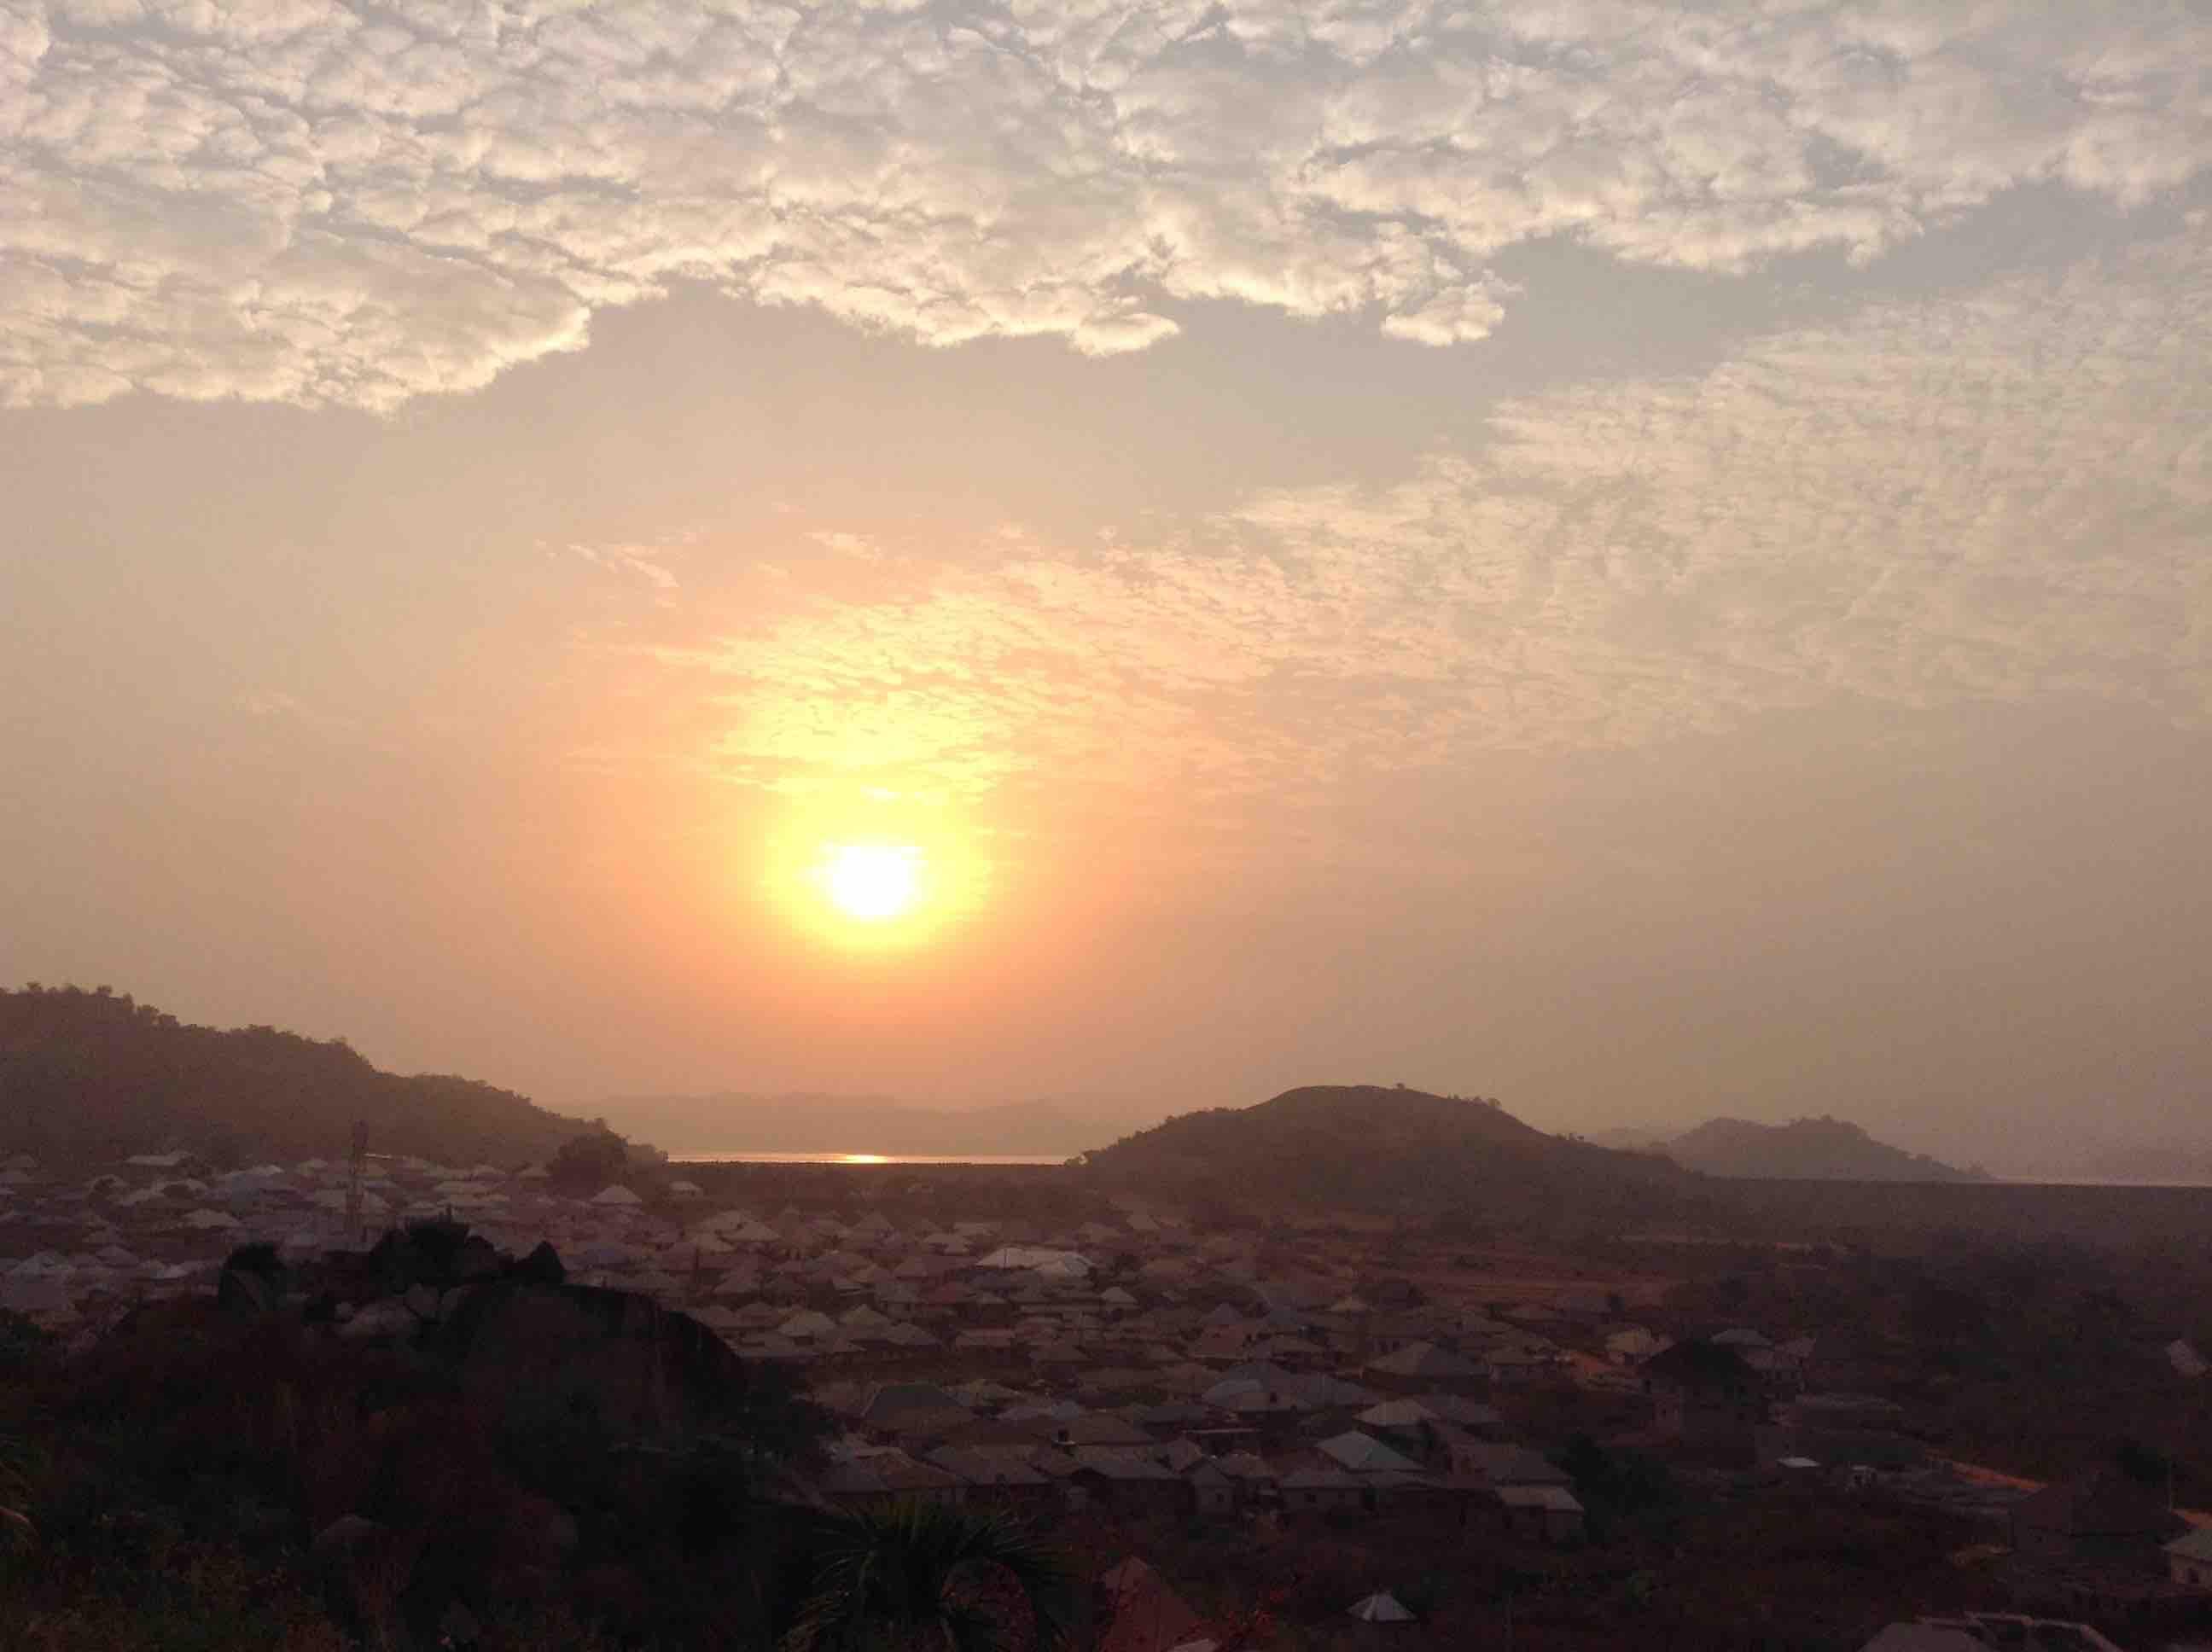 Sunrise over Usuma Lake, Ushafa Village, Abuja, Nigeria. #JujuFilms